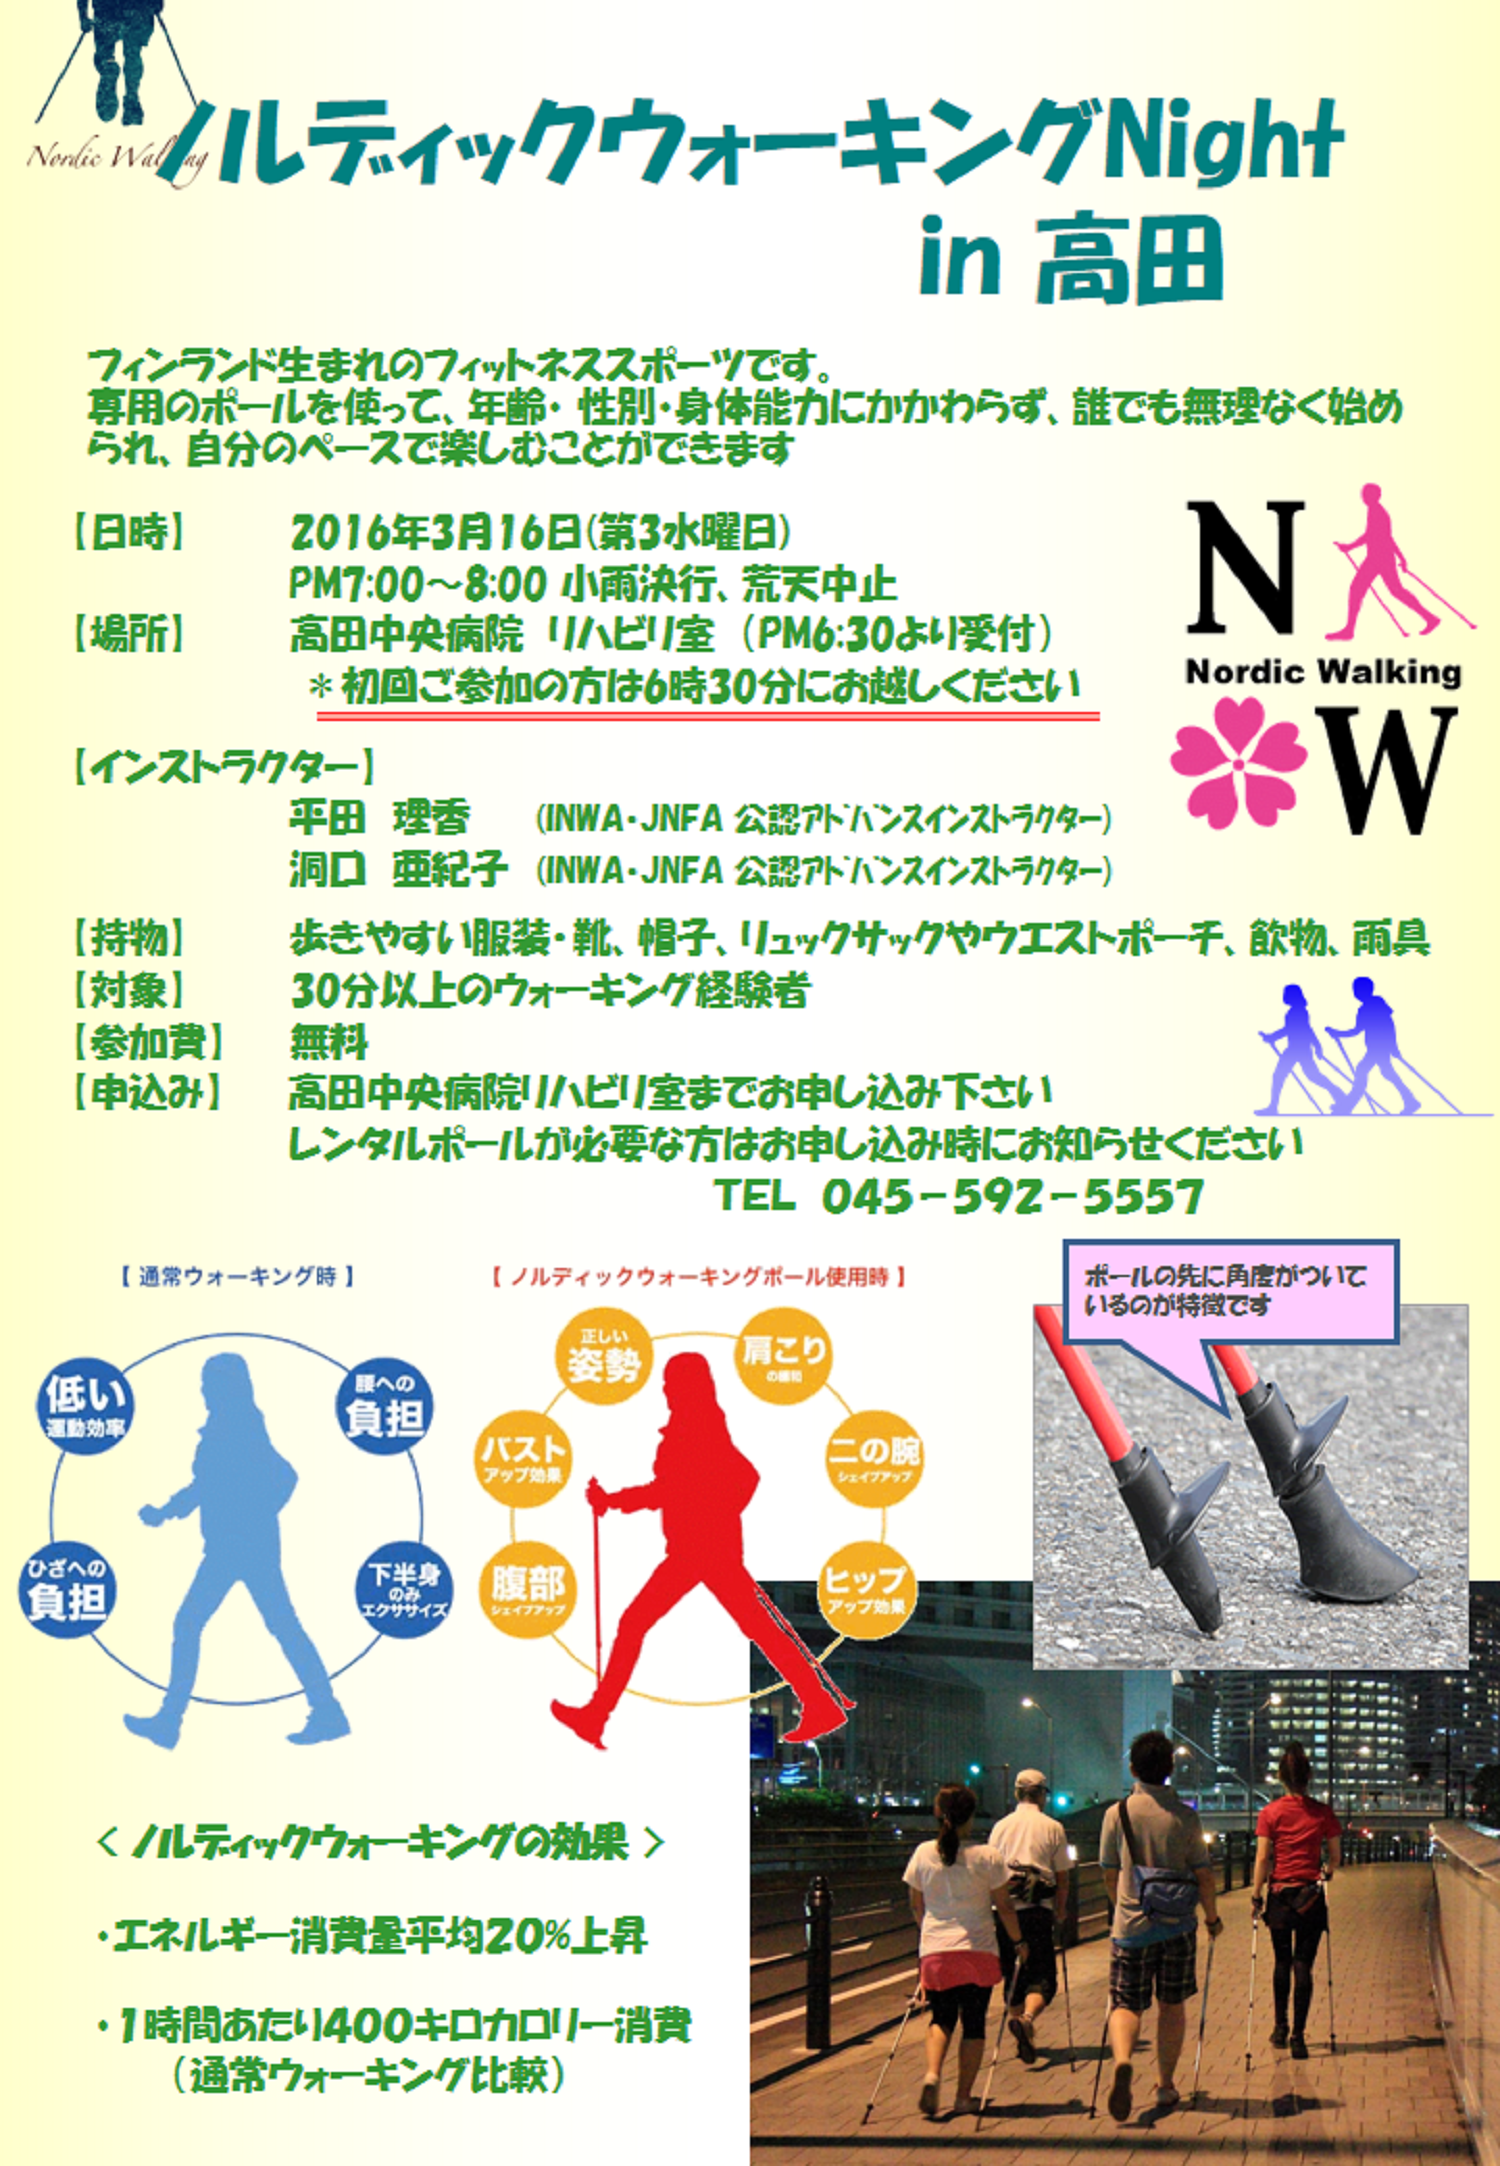 ☆ノルディックウォーキング Night in高田